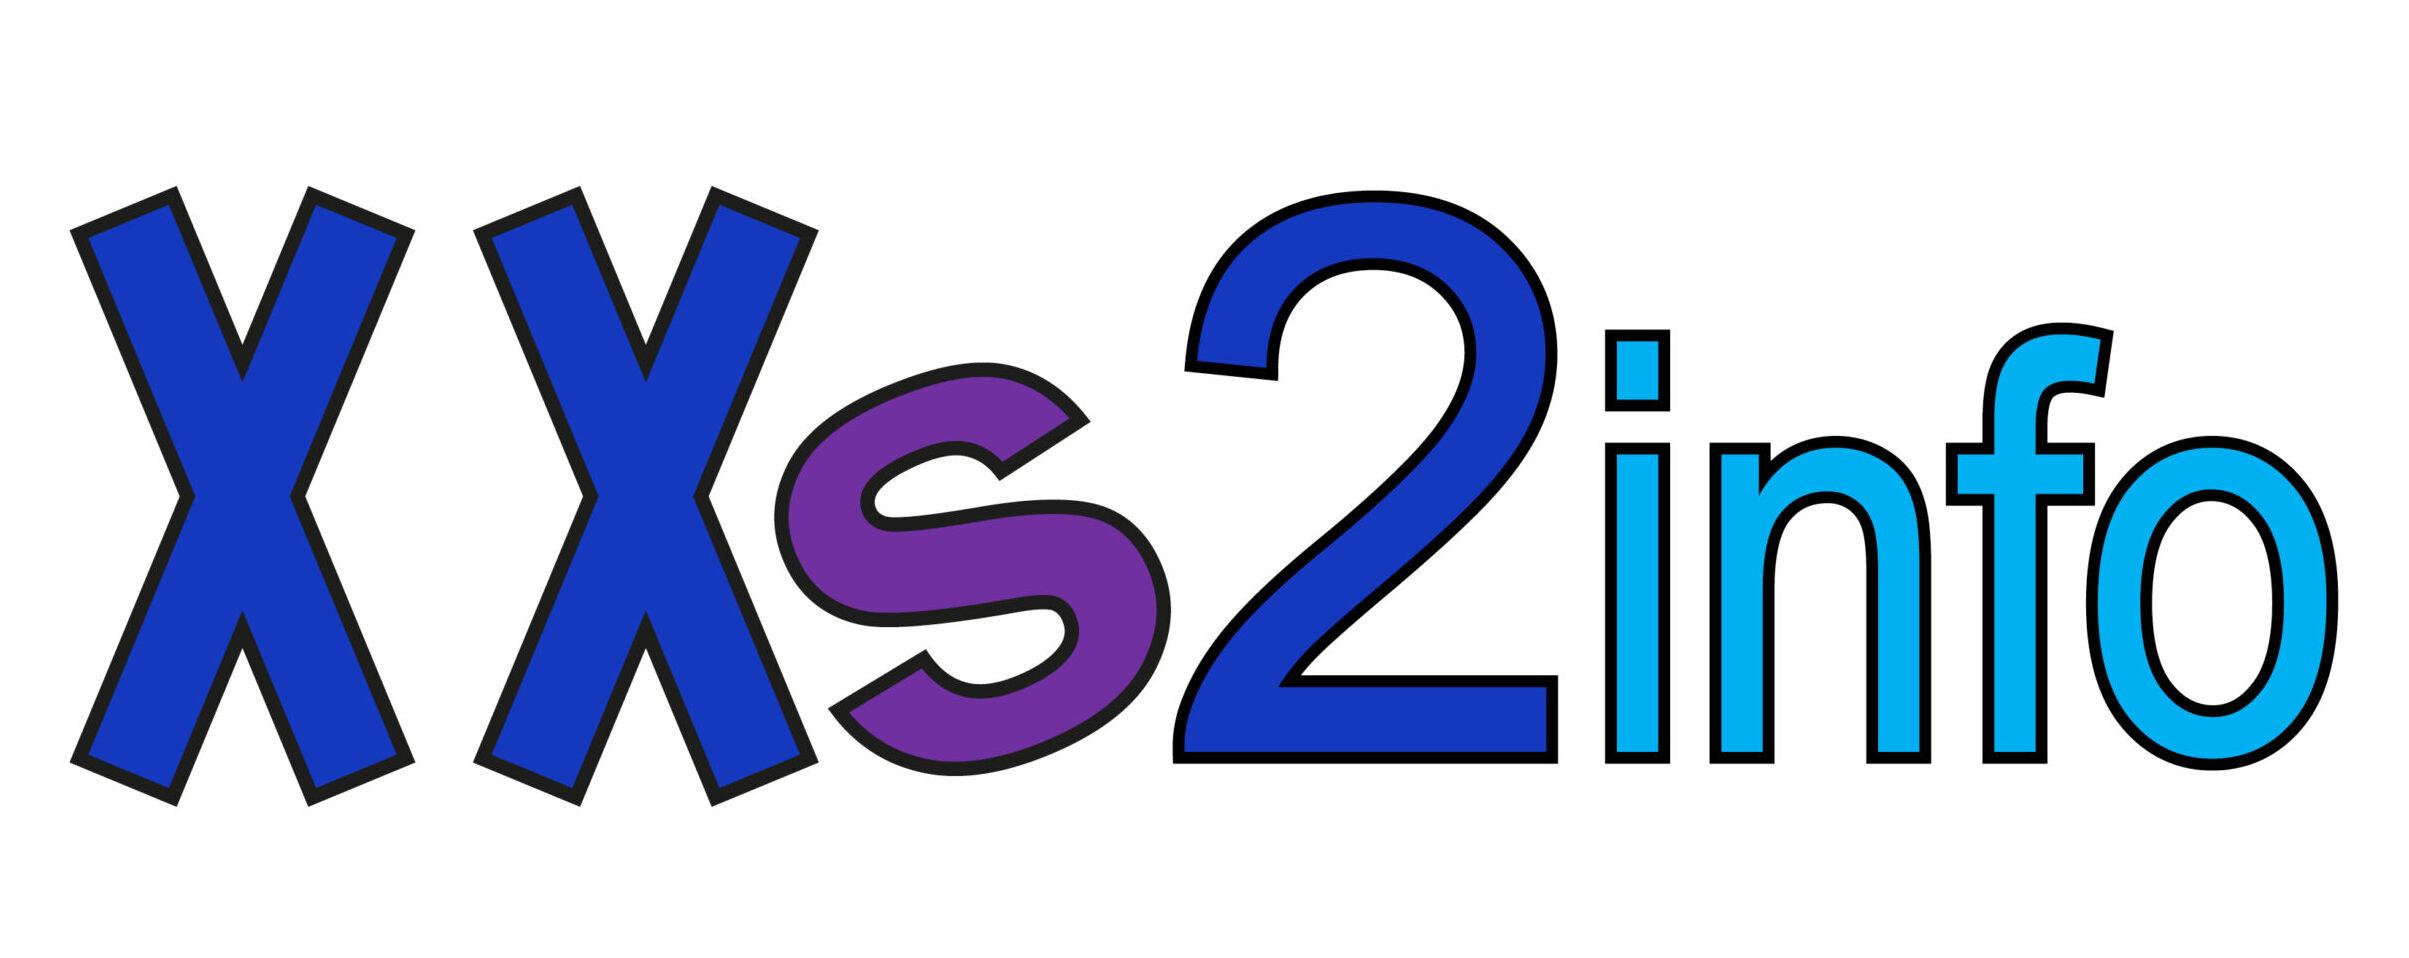 XXs2info